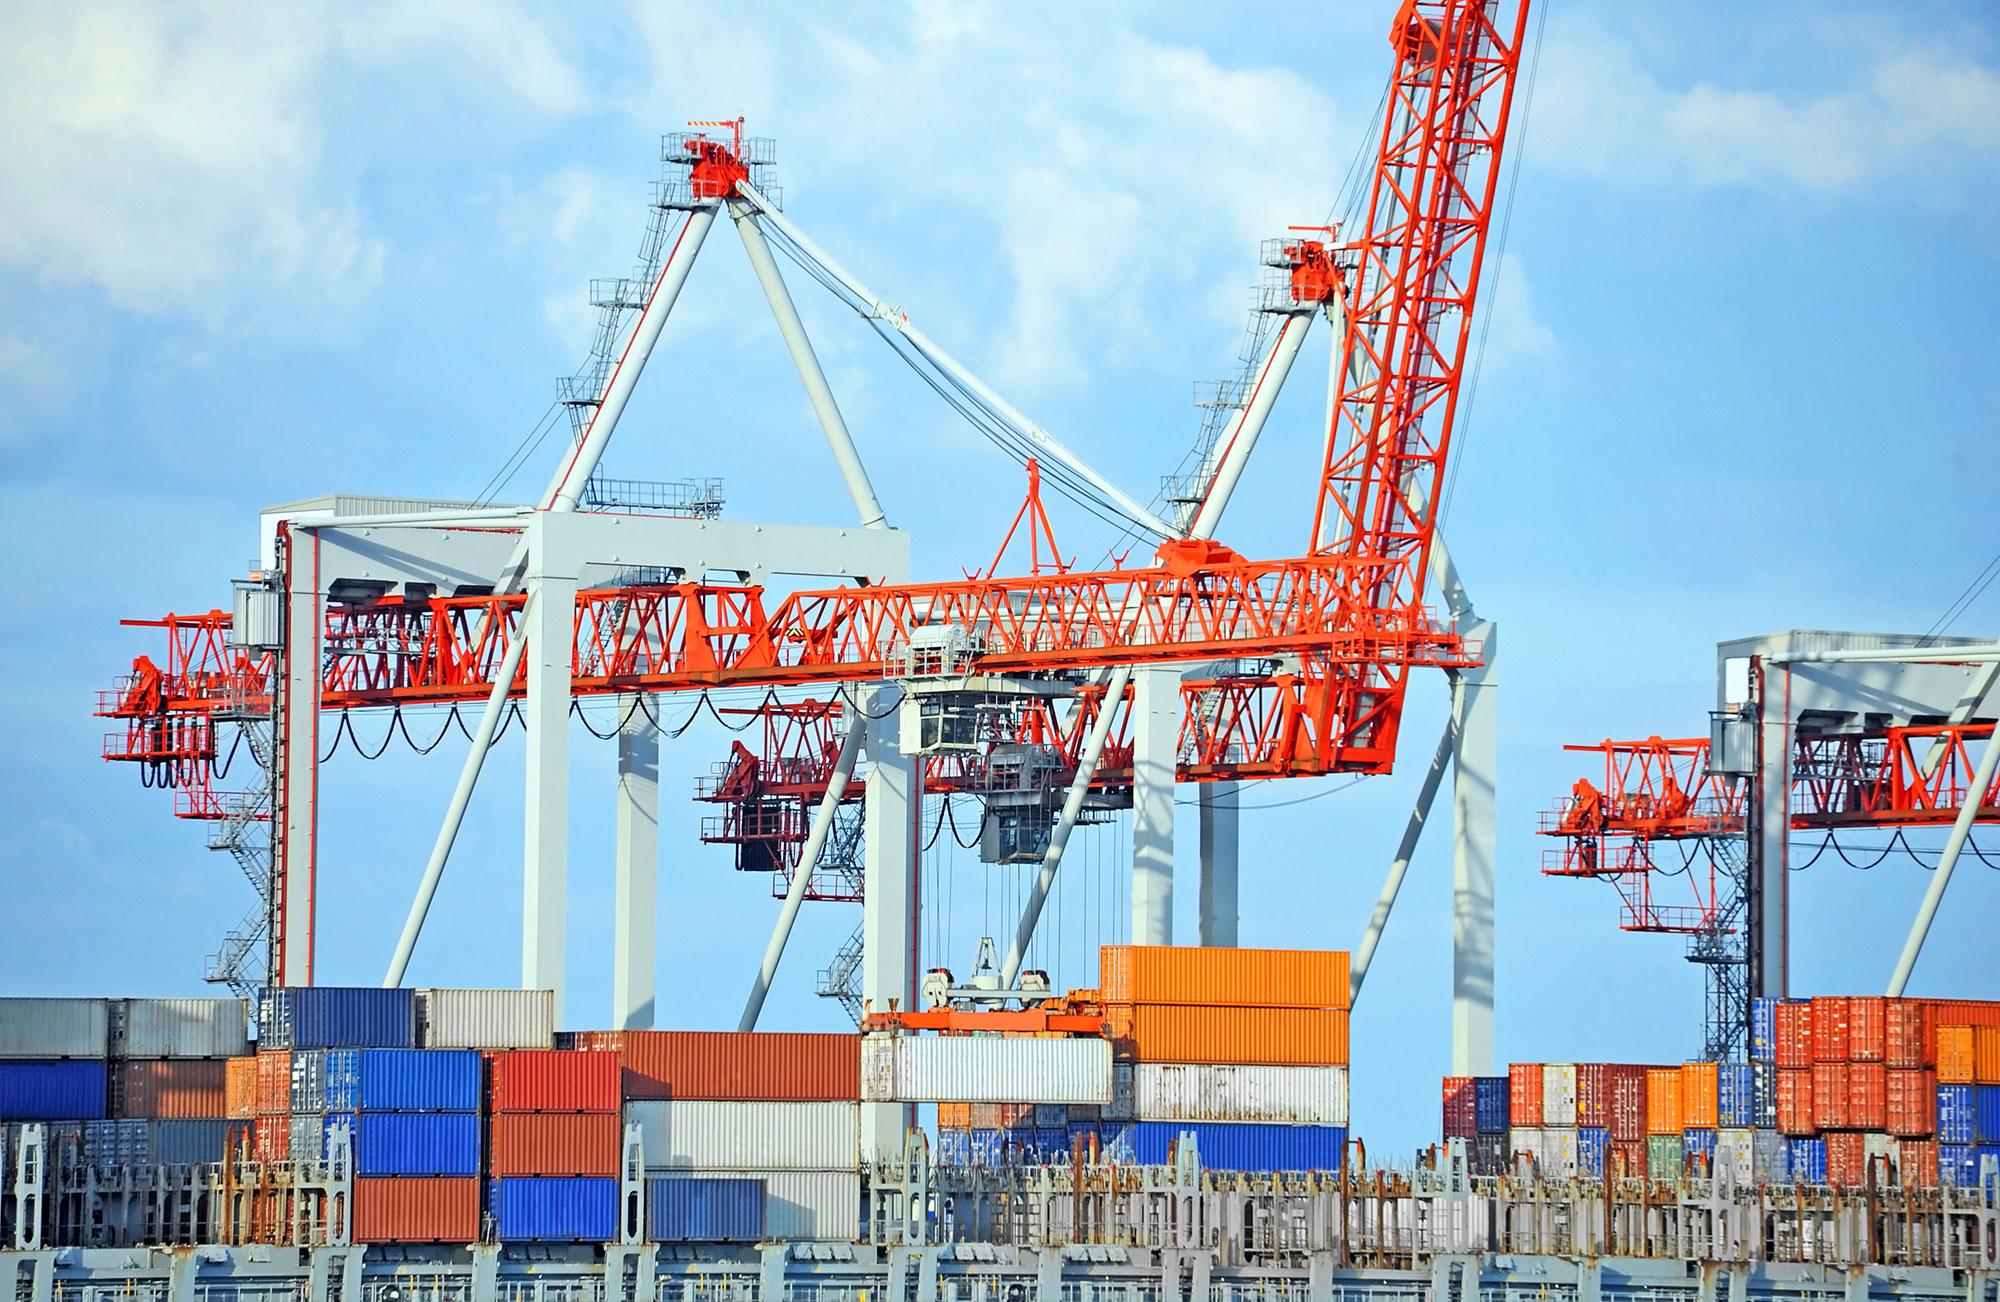 Gruppo Lavoro Service - Facchinaggio navale Bari